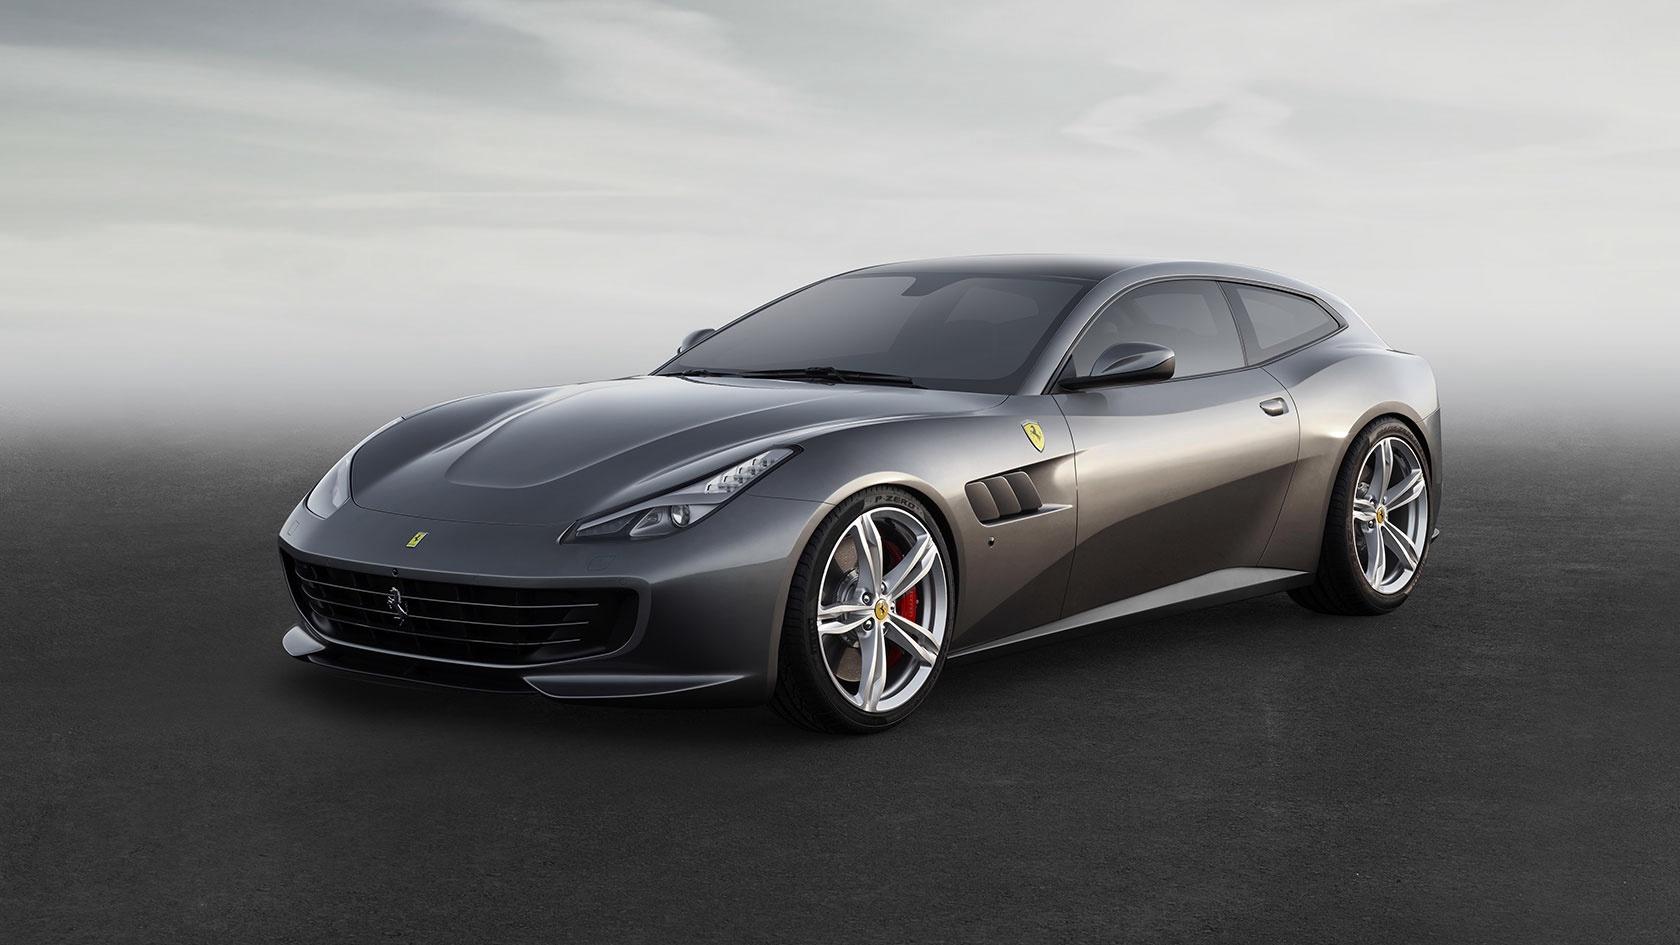 New 2020 Ferrari GTC4LUSSO  For Sale In Greenwich, CT. Alfa Romeo of Greenwich, XXX002 229_main